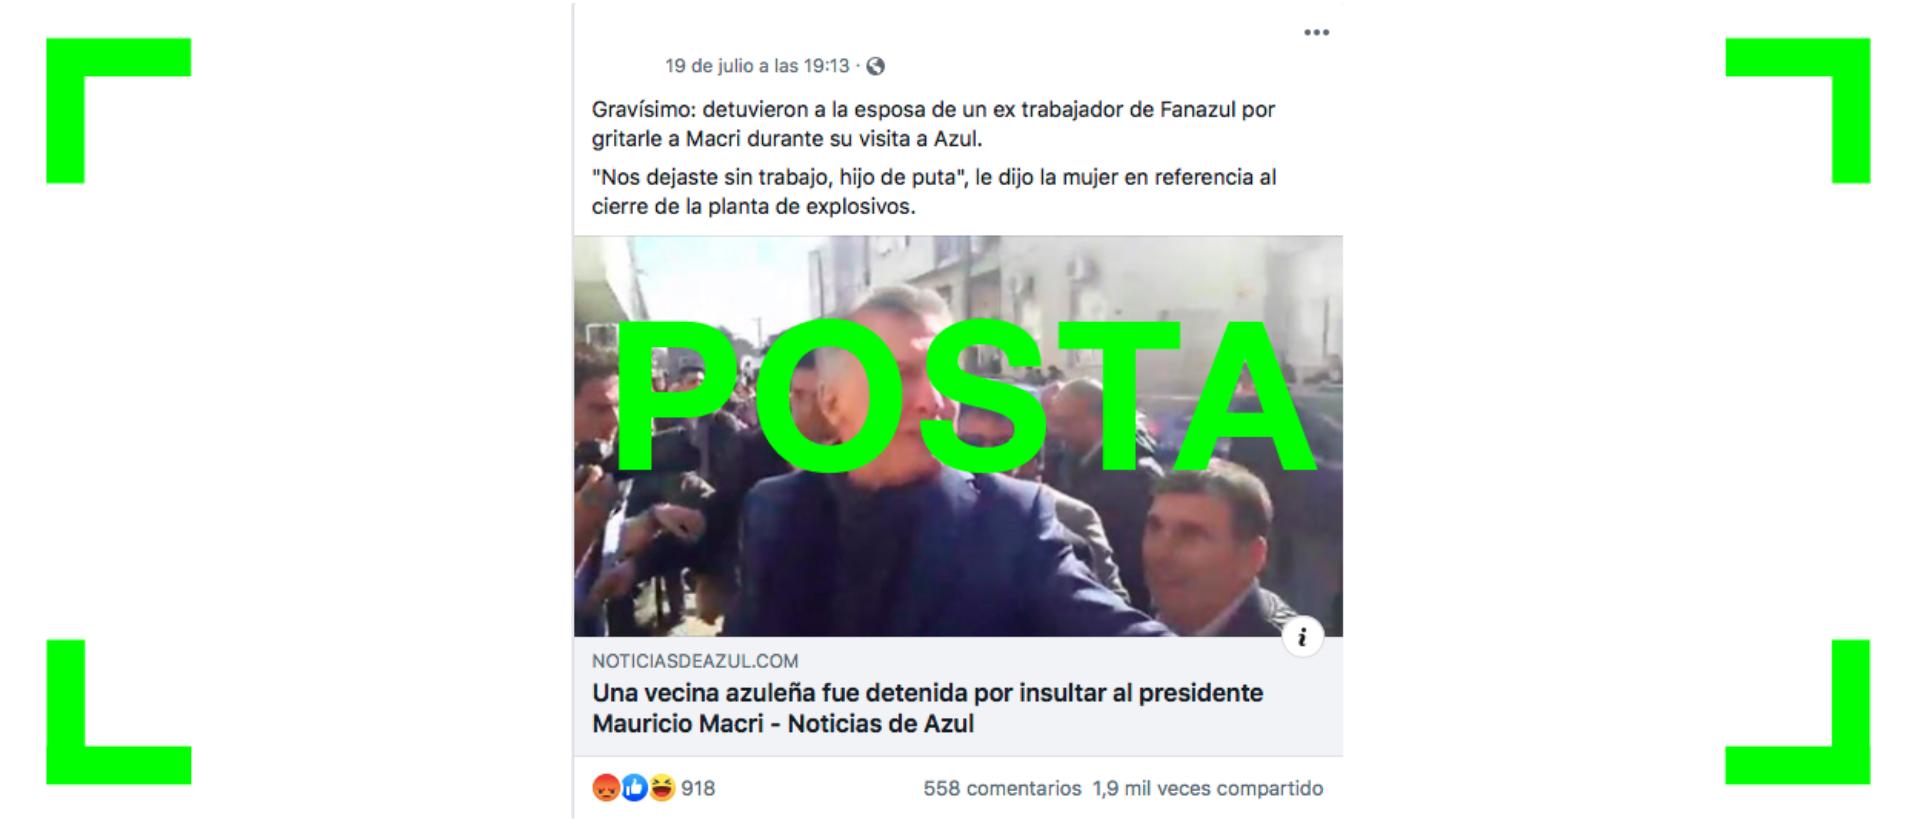 Es verdadero que una mujer fue detenida en Azul por insultar a Mauricio Macri